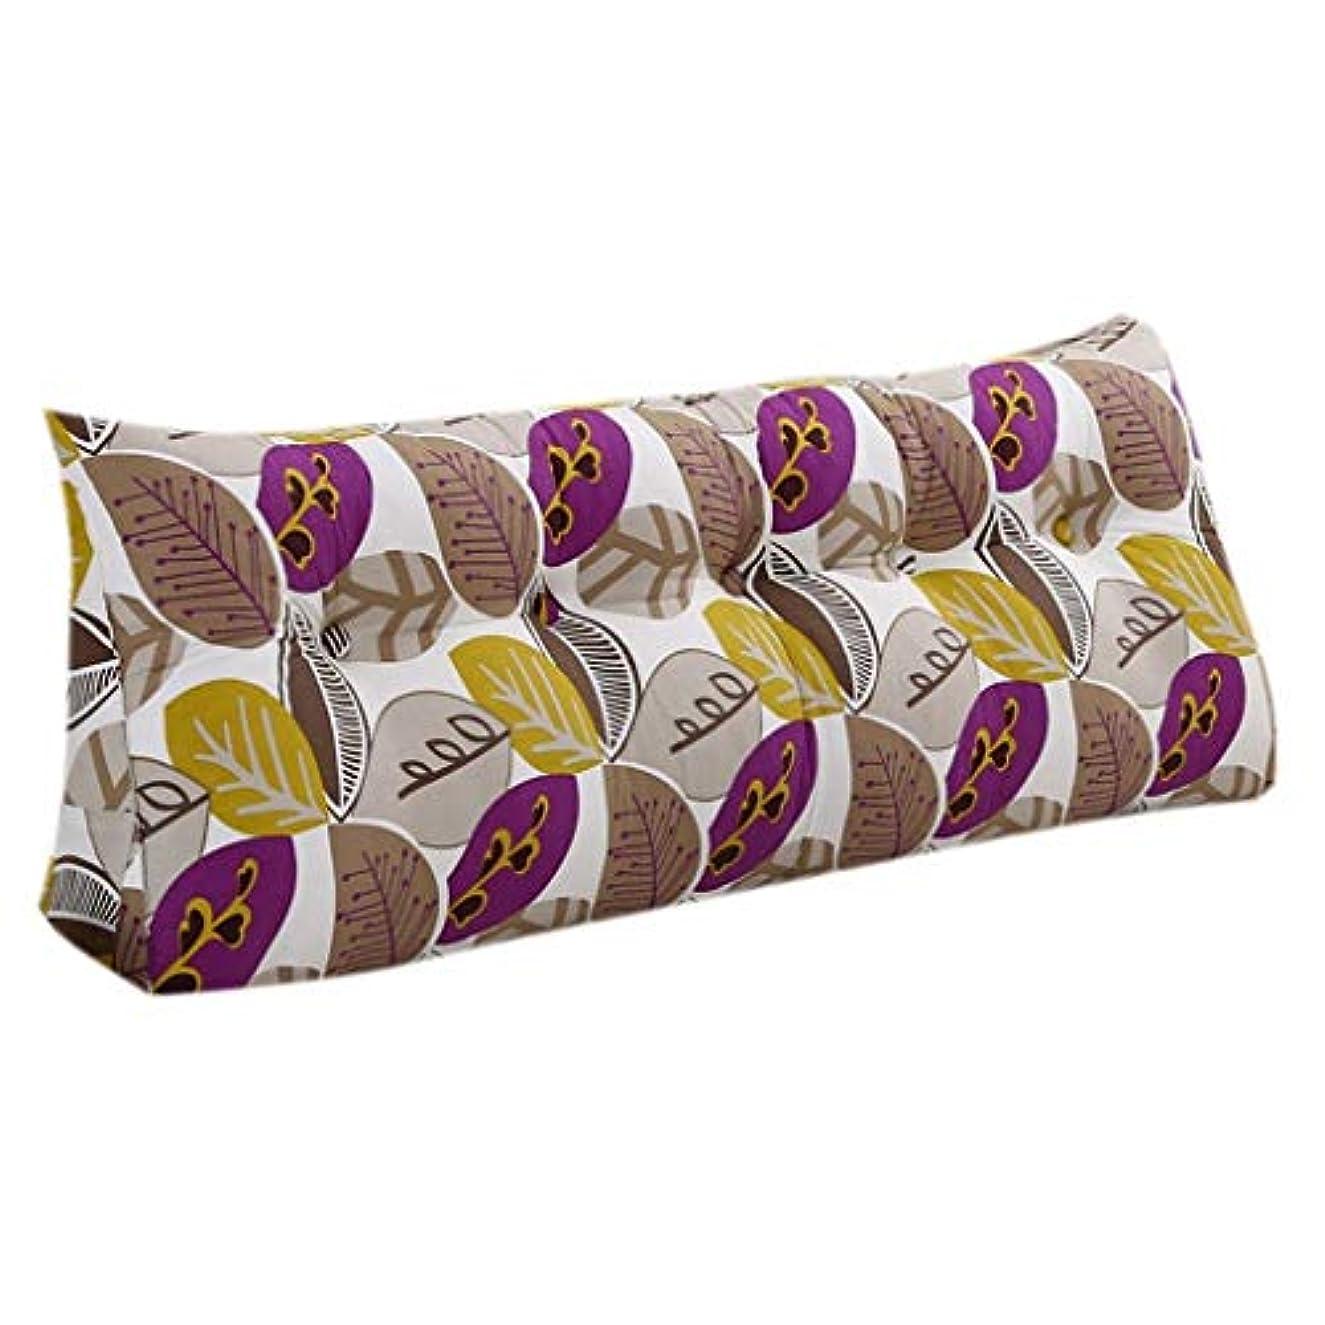 ダイエット論争いう18-AnyzhanTrade ベッドサイドソファー付き大きなソフトバッグベッドロング枕取り外し可能ダブルマットウエストバッククッション枕クッション (Color : E)